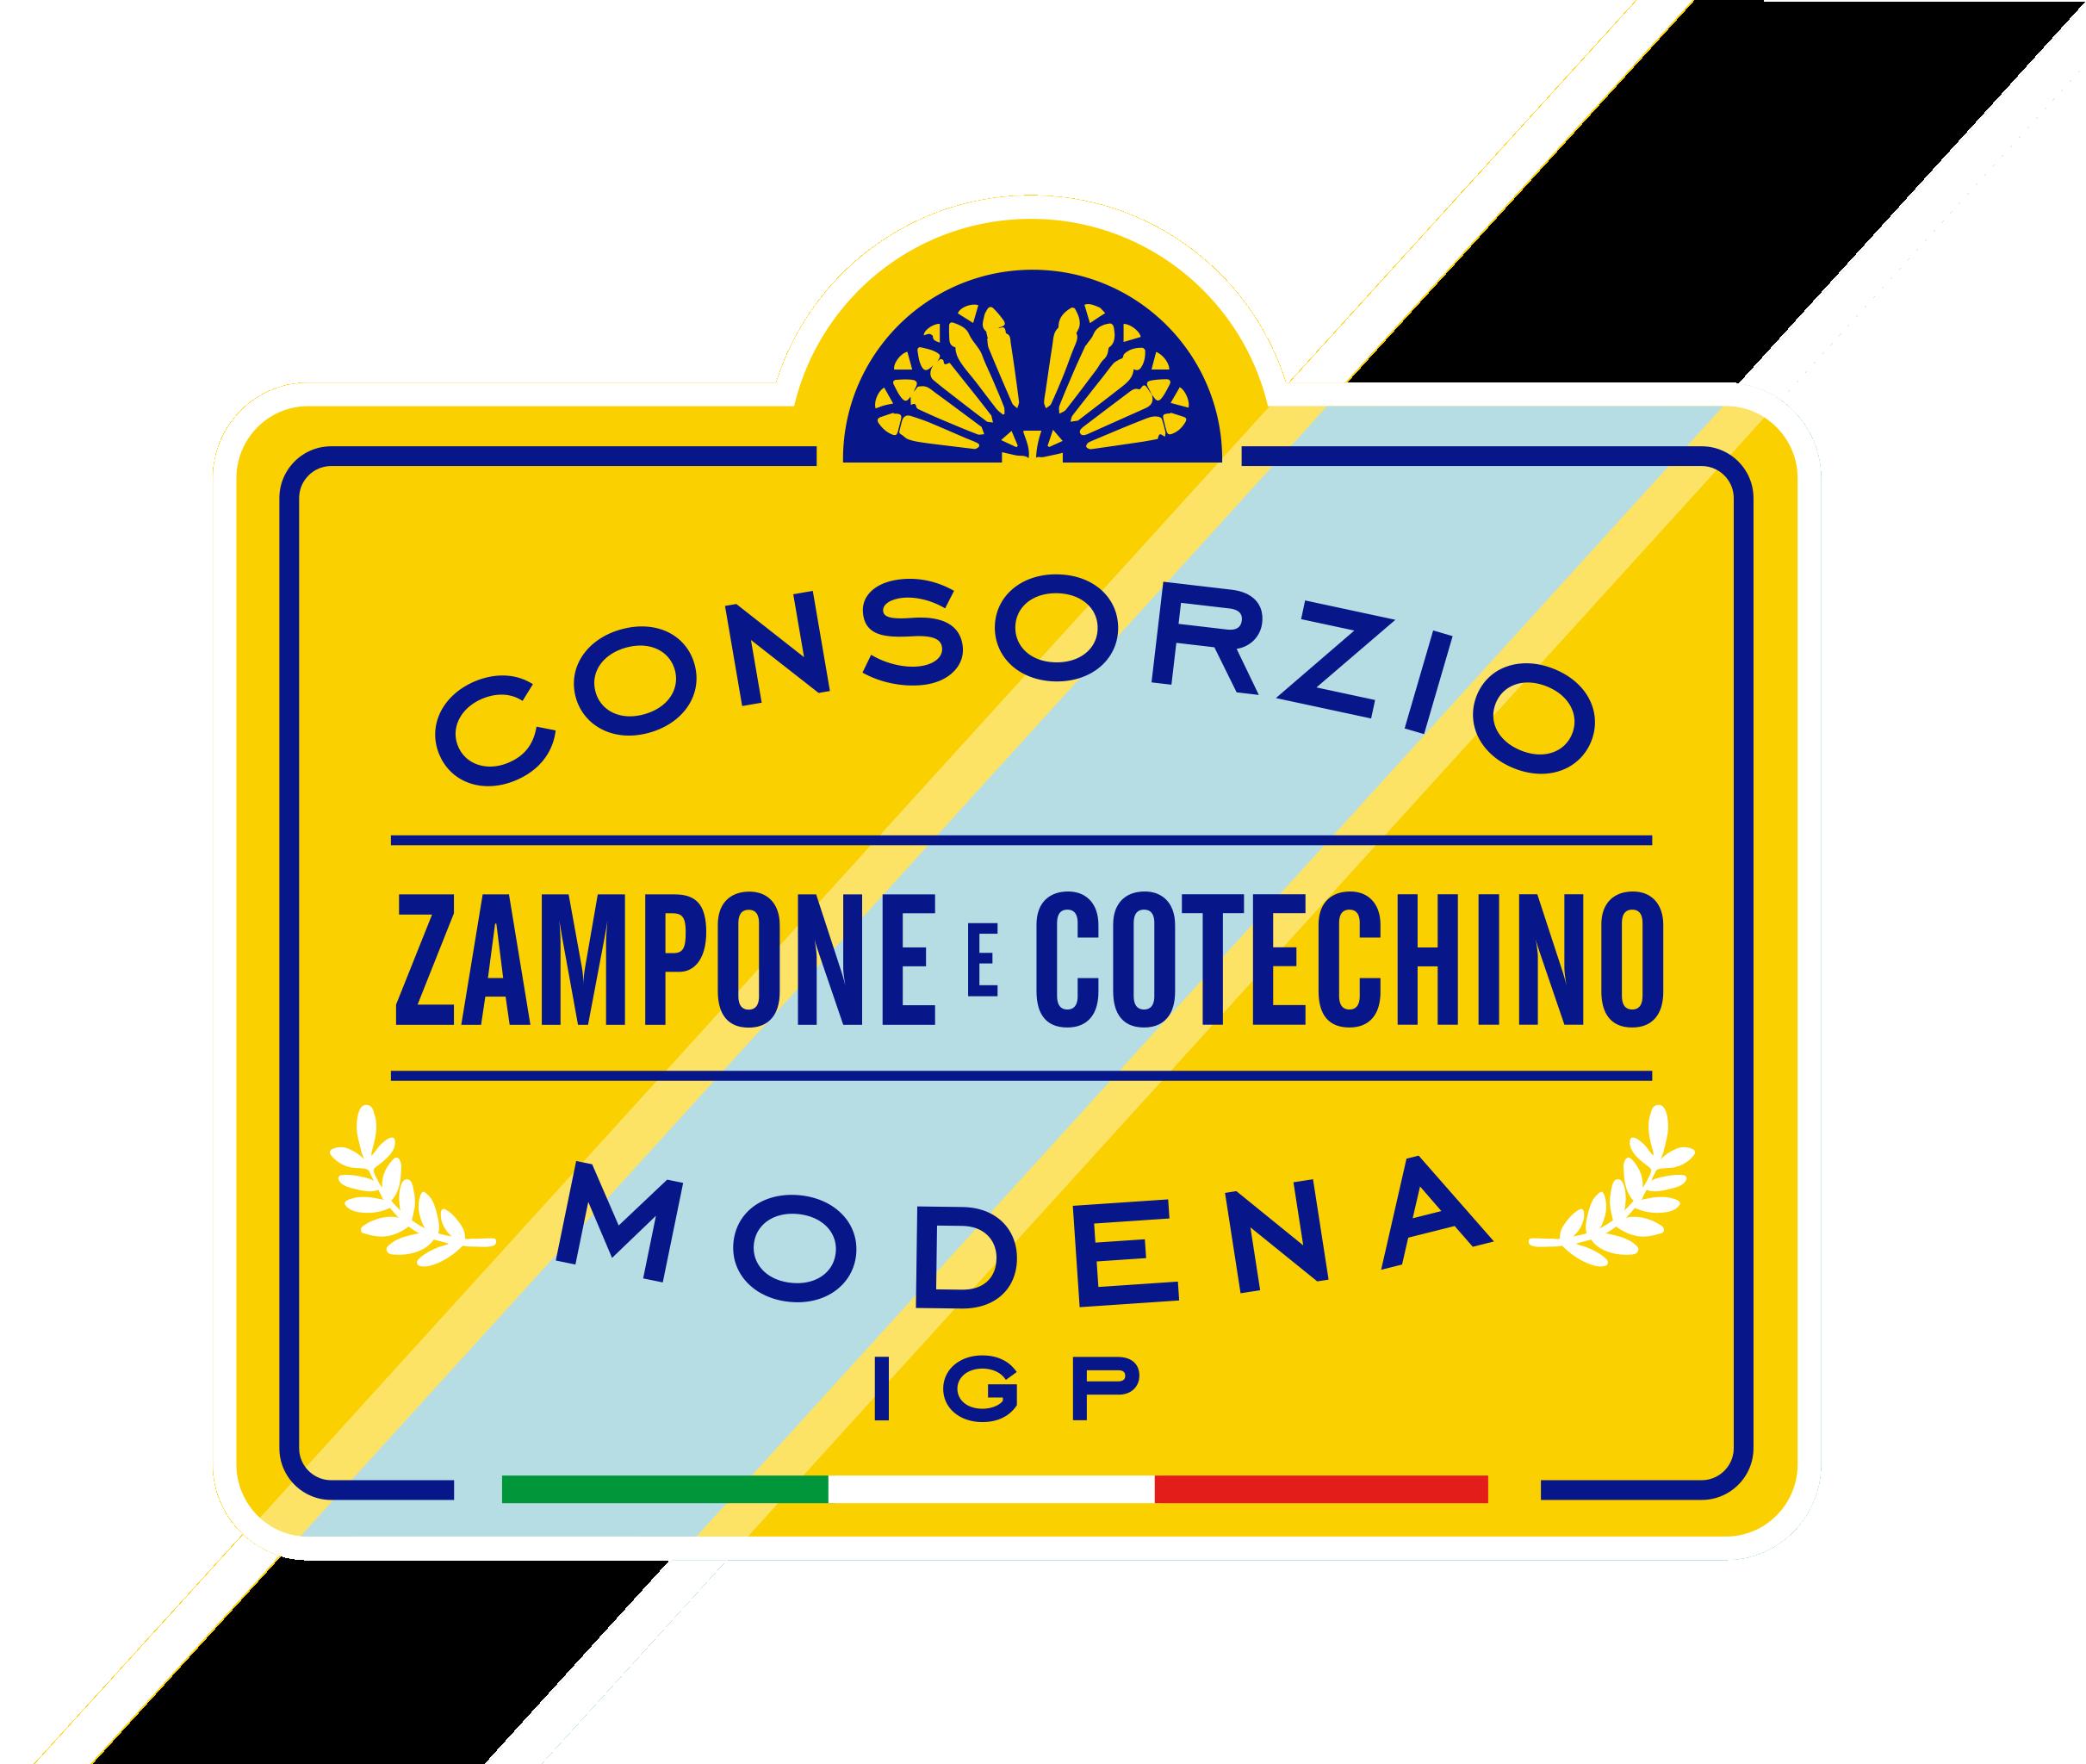 Cotechino Modena IGP